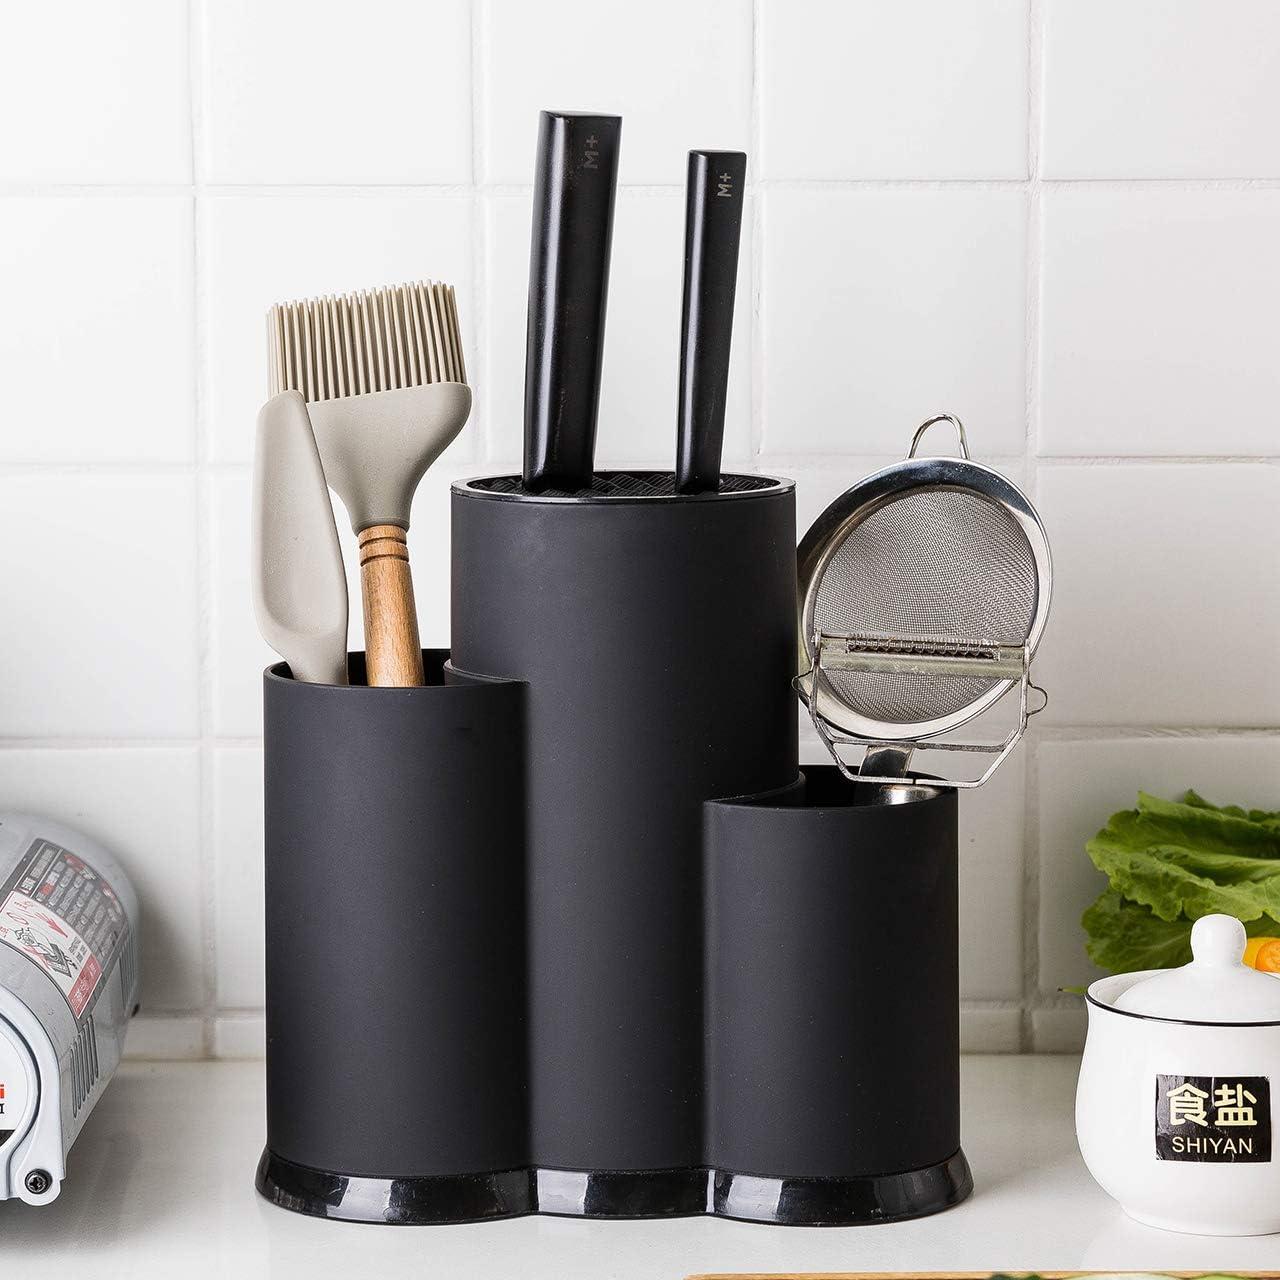 Cutlery Holder Utensil Organizer Spoon Storage Drainer Flatware Kitchen Supplies